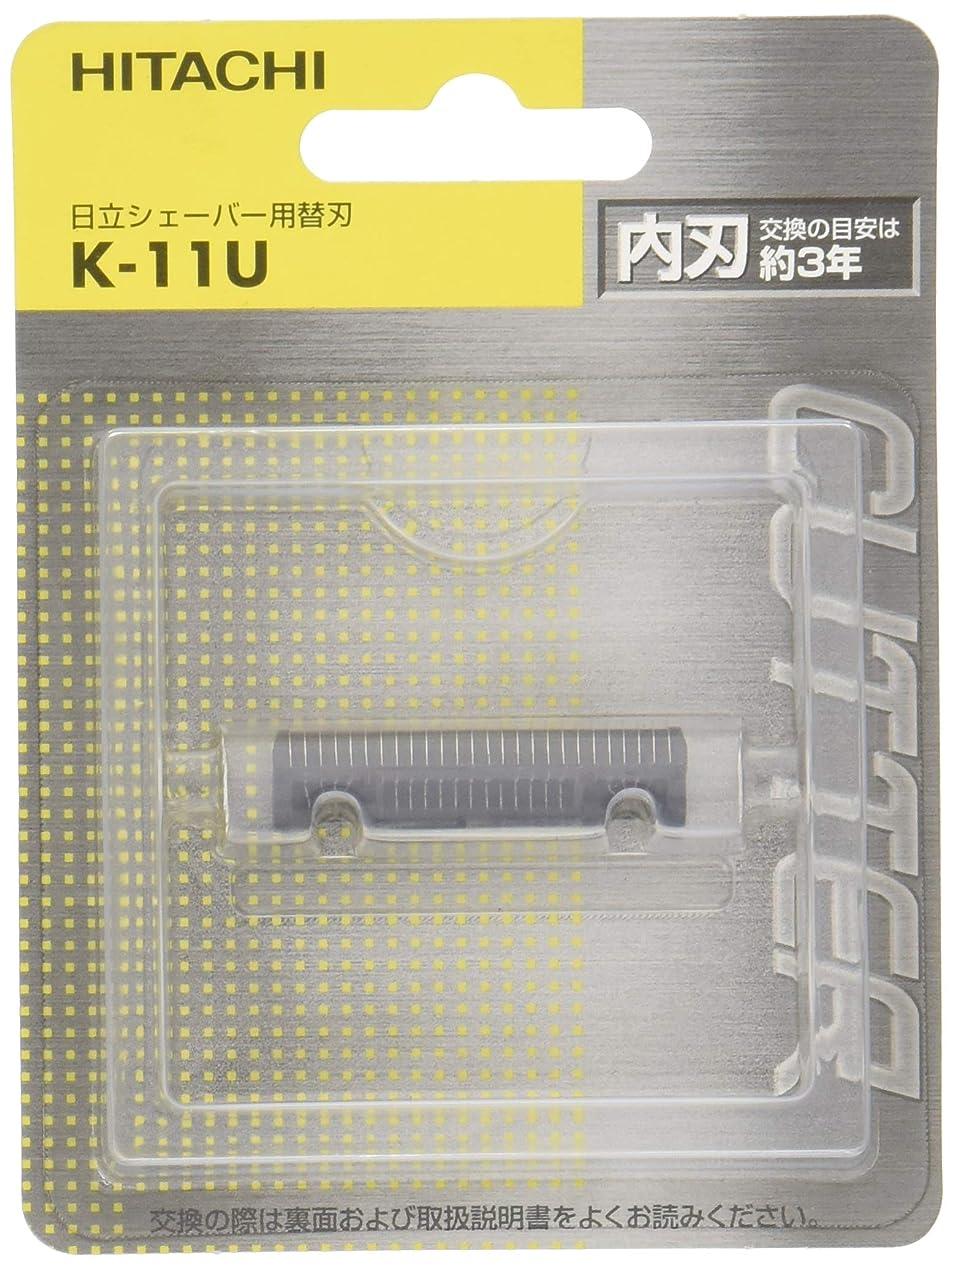 バン遅滞スキャンダル日立 替刃 内刃 K-11U